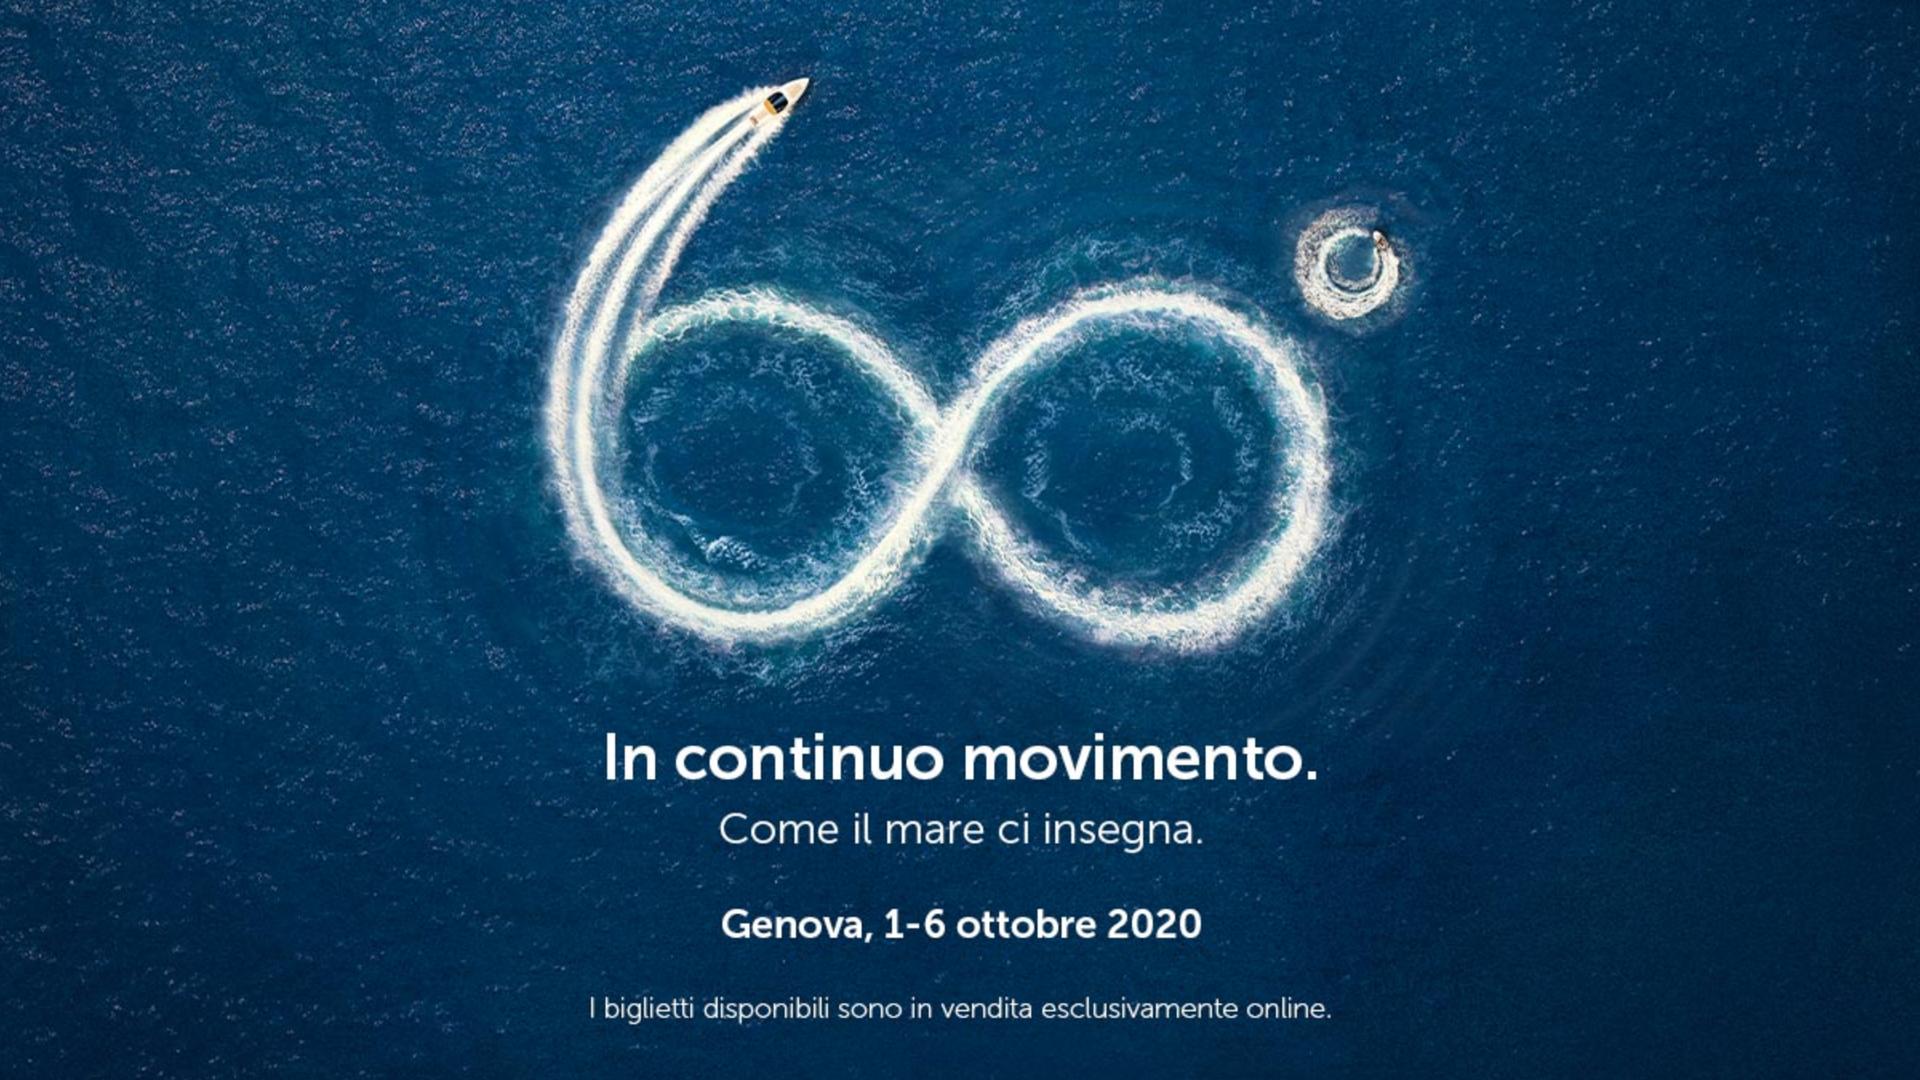 Salone Nautico di Genova 60° edizione, Mafra presenta Linea Benessere